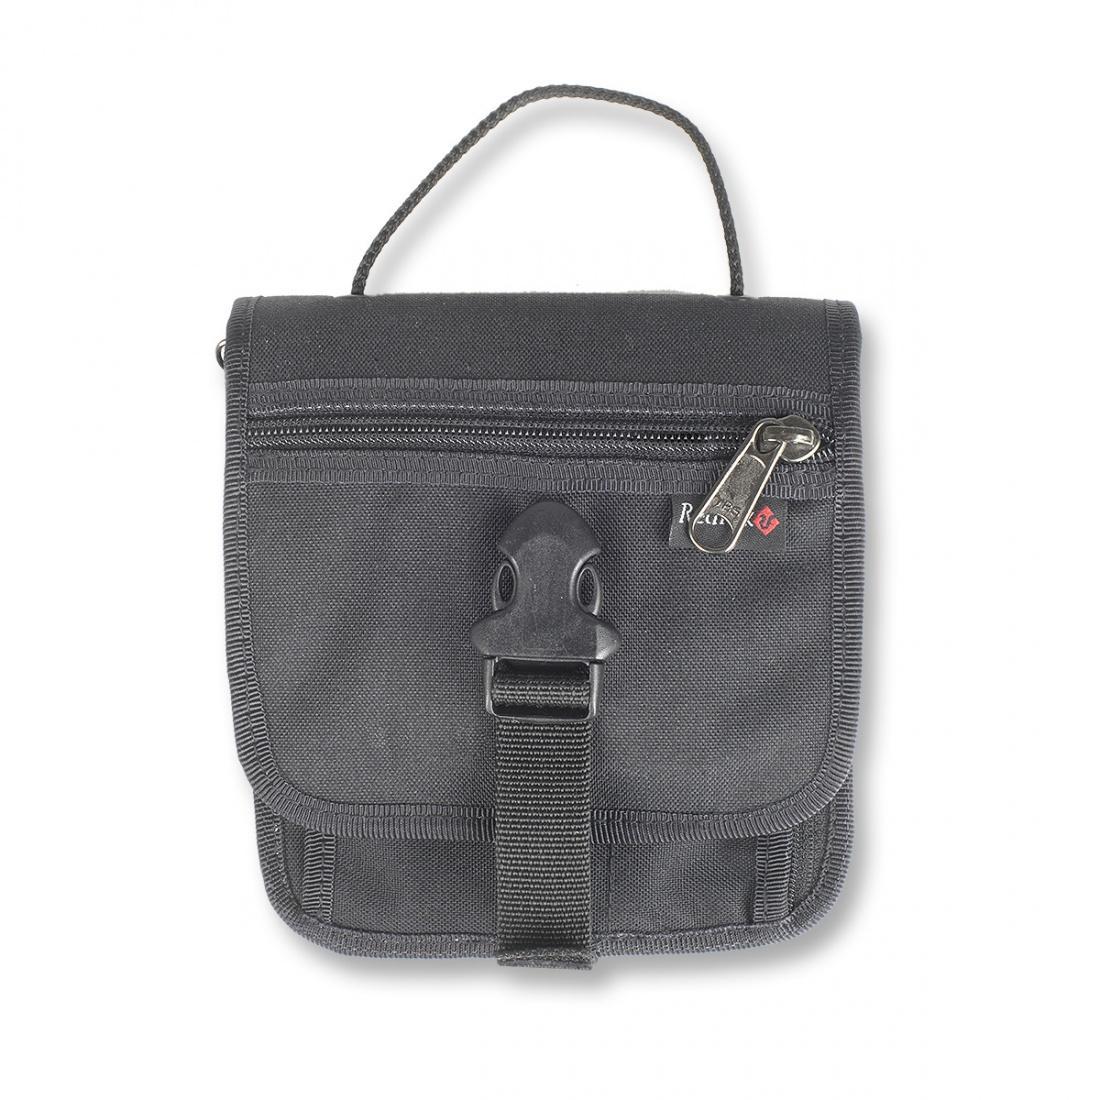 Кошелек Clip 1Кошельки<br>Удобный многофункциональный кошелек с карманом из сетки.  5 отделений для денег, кредитных карточек, письменных принадлежностей и других...<br><br>Цвет: Черный<br>Размер: None